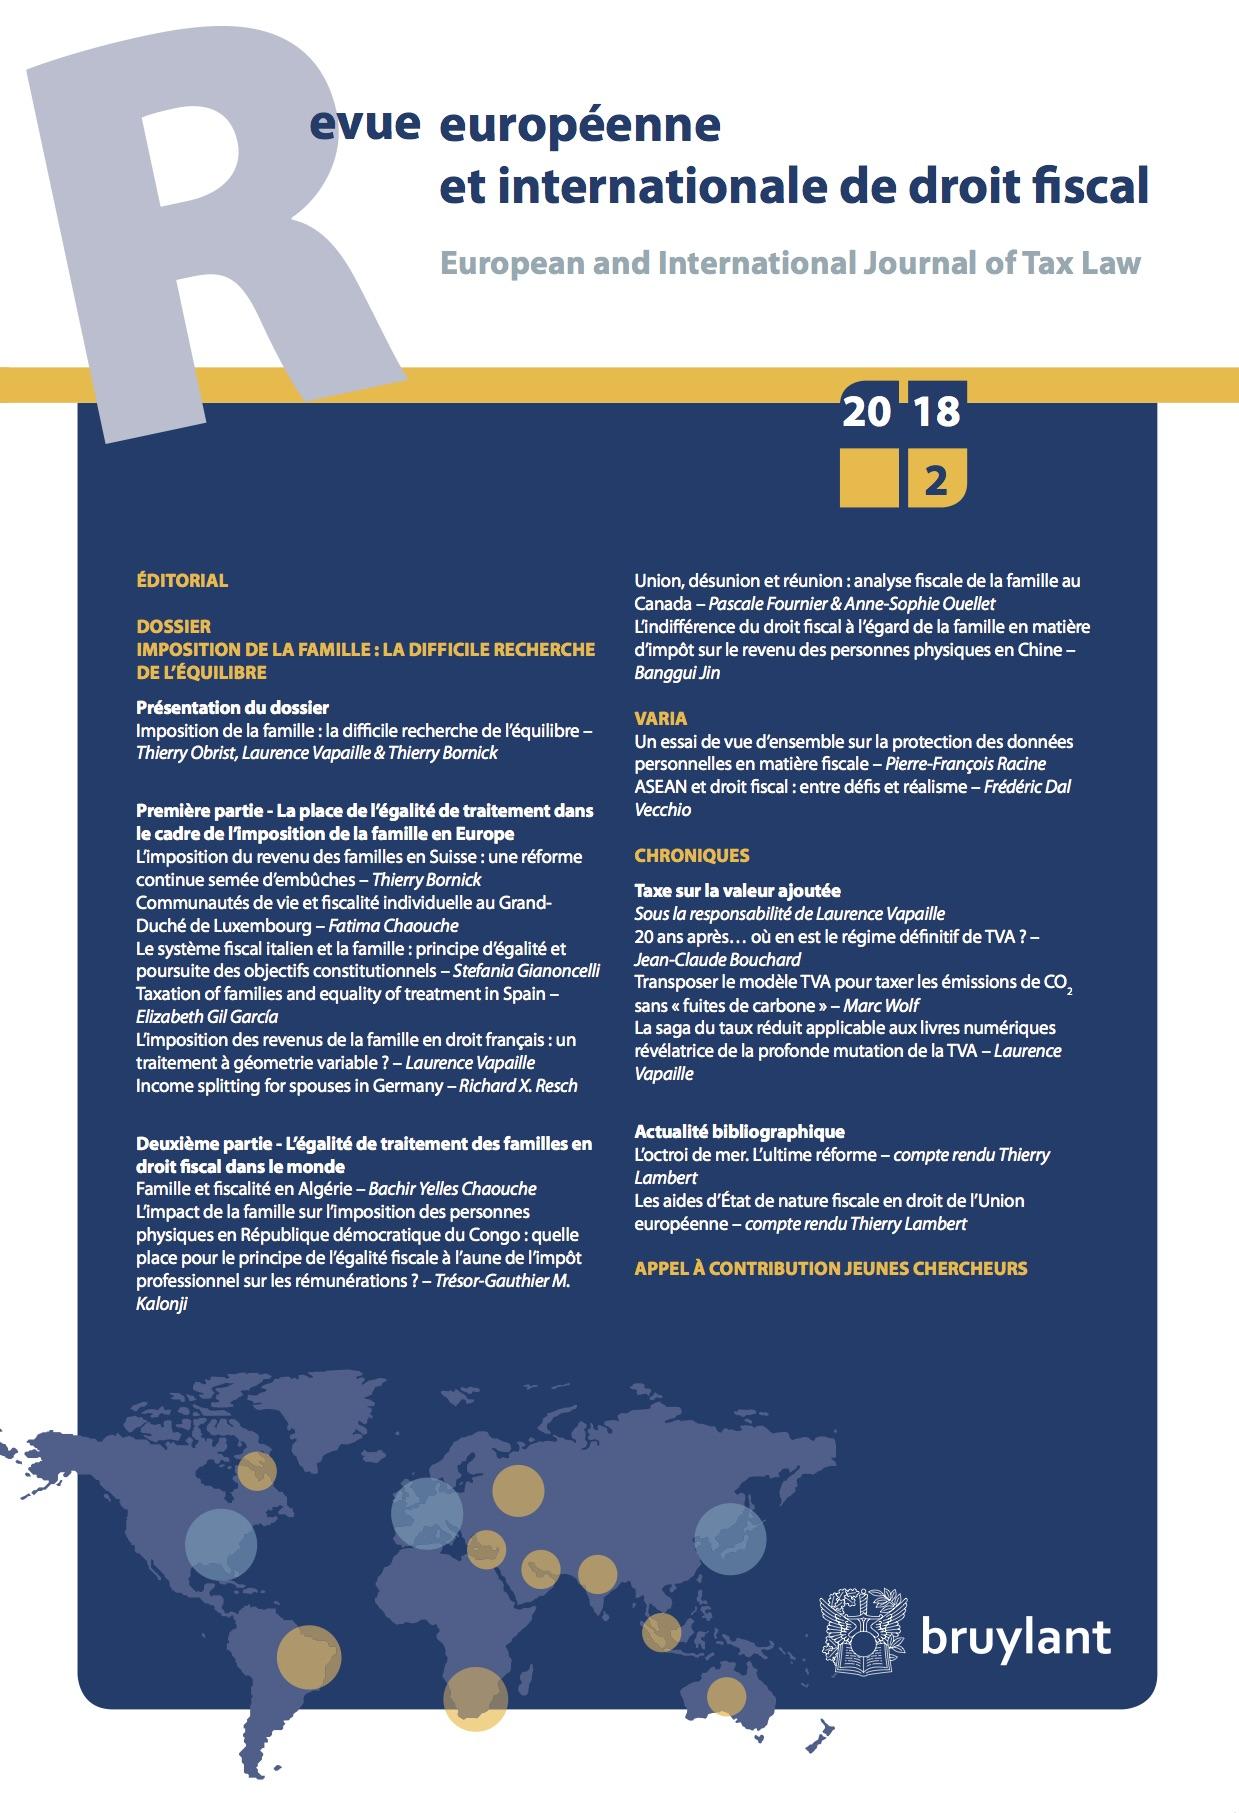 ASEAN et droit fiscal : entre défis et réalisme